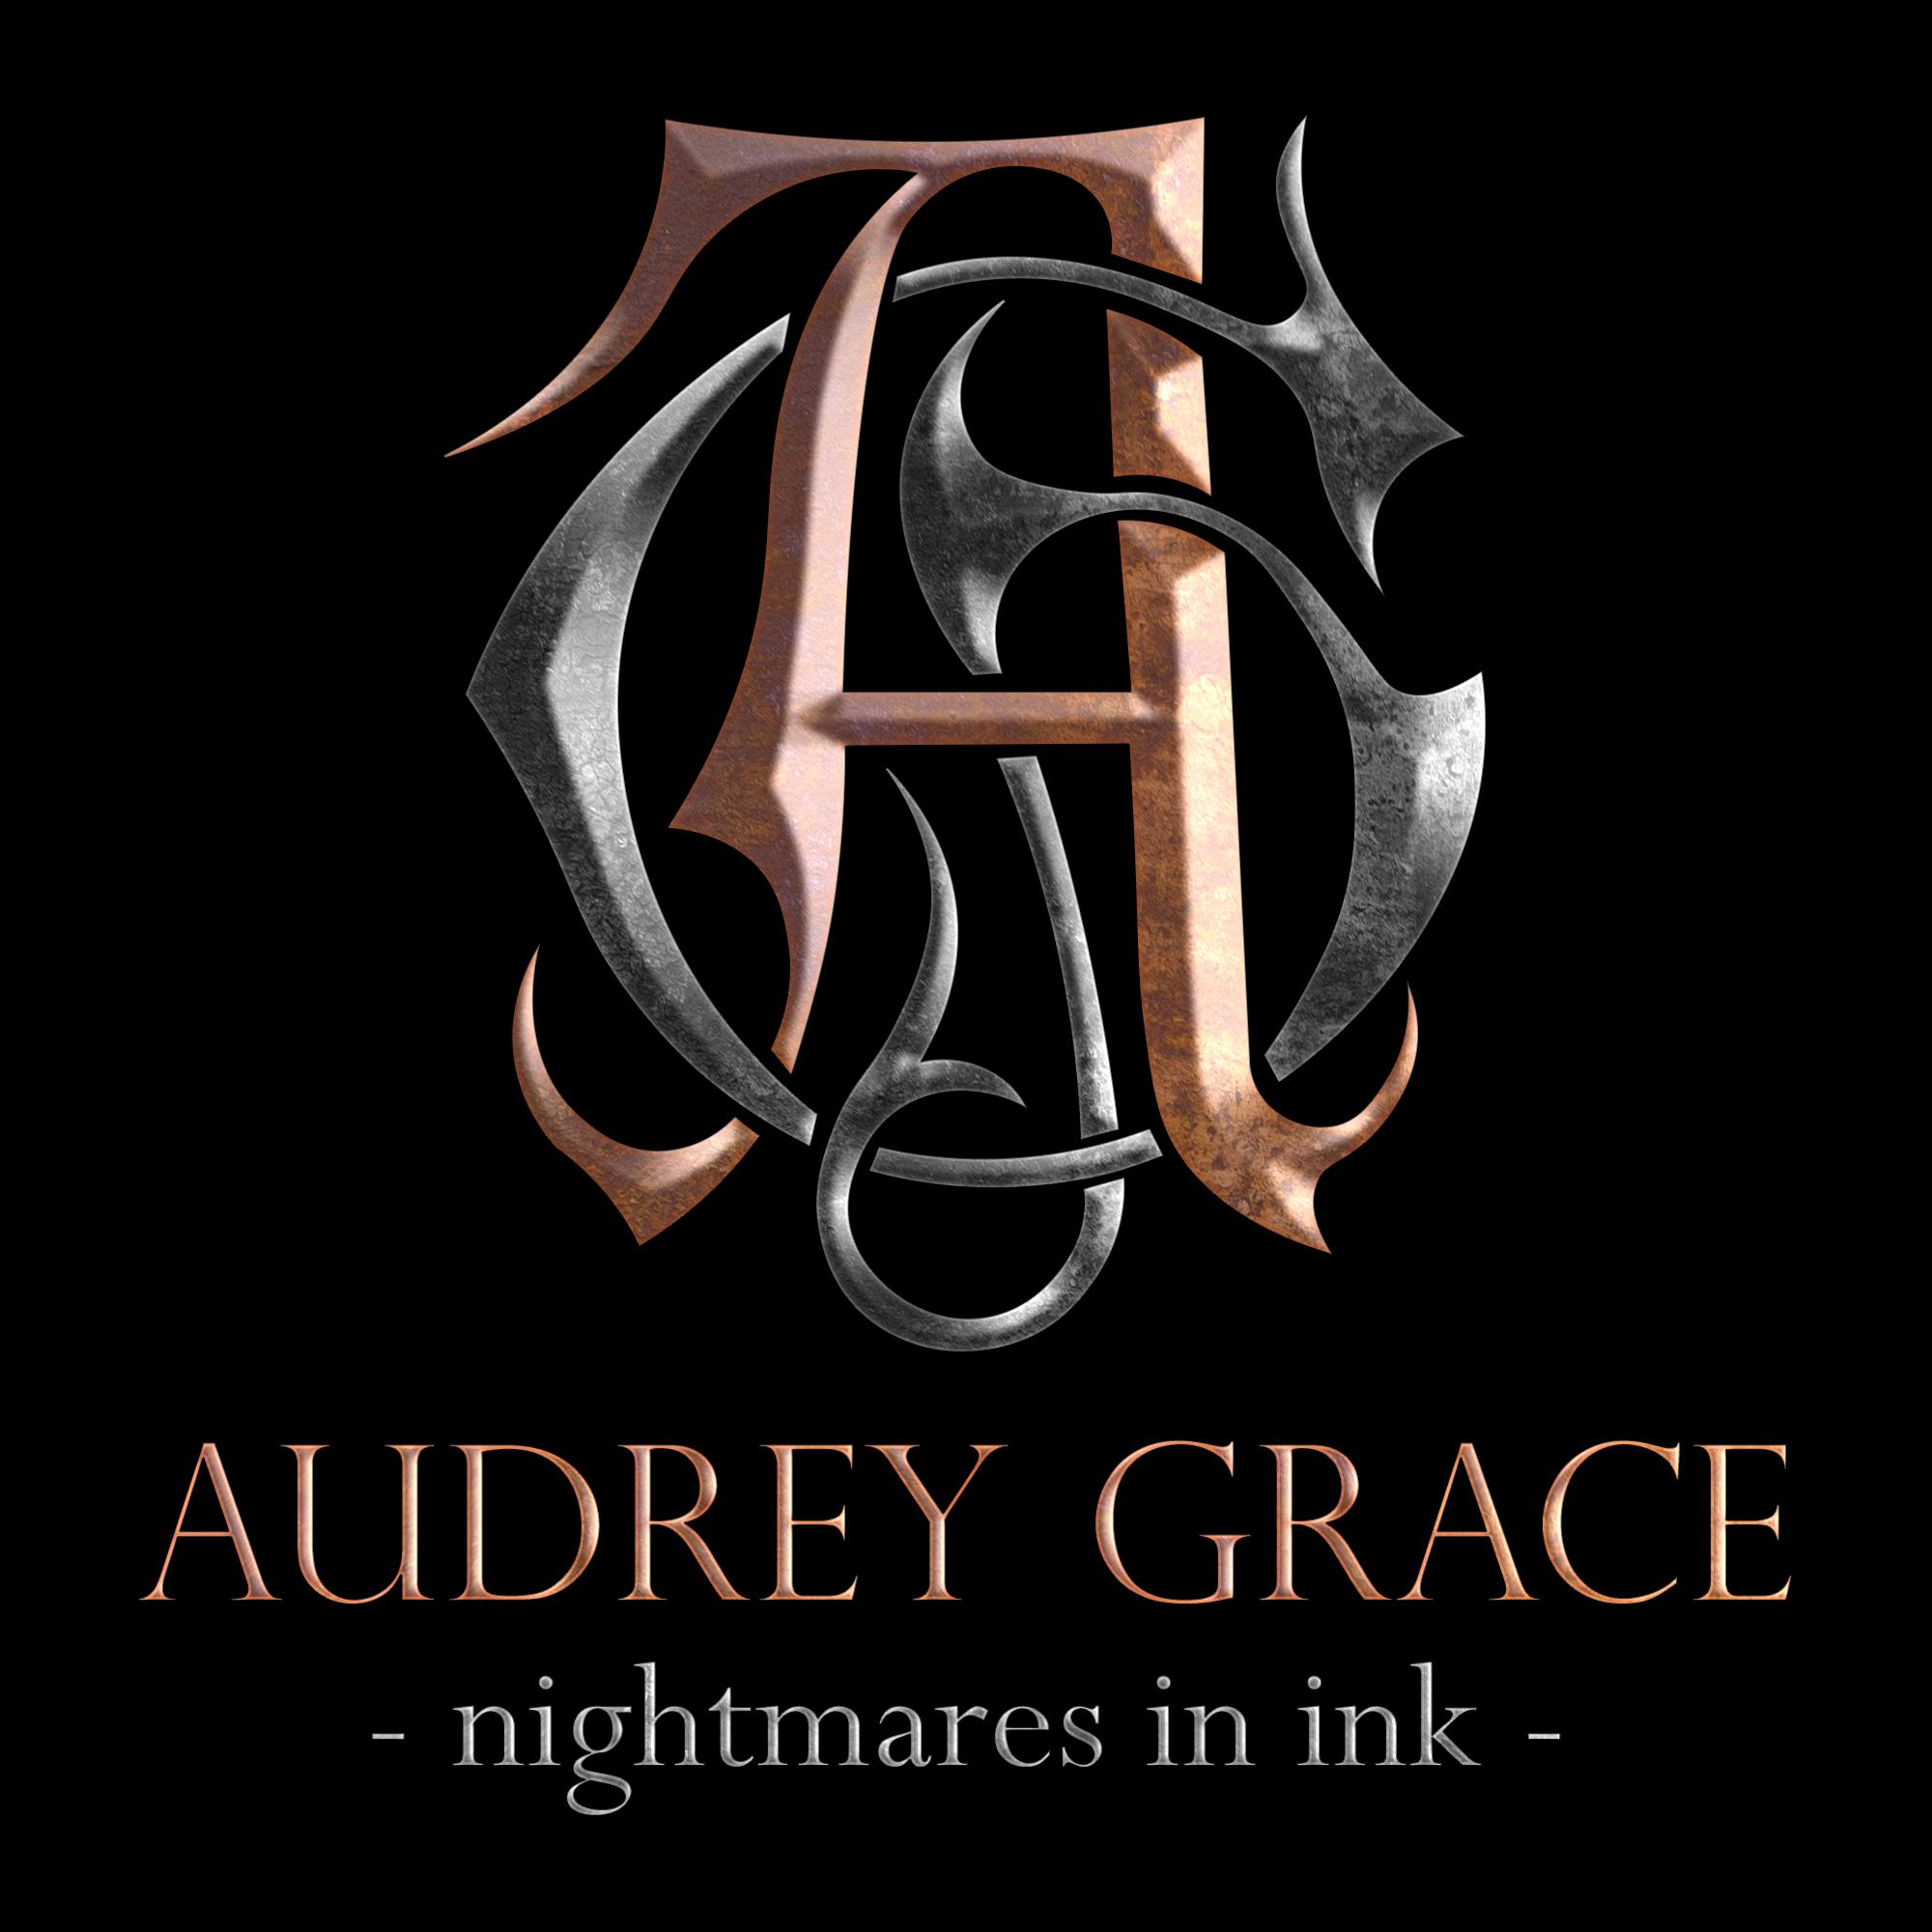 Author - Audrey Grace